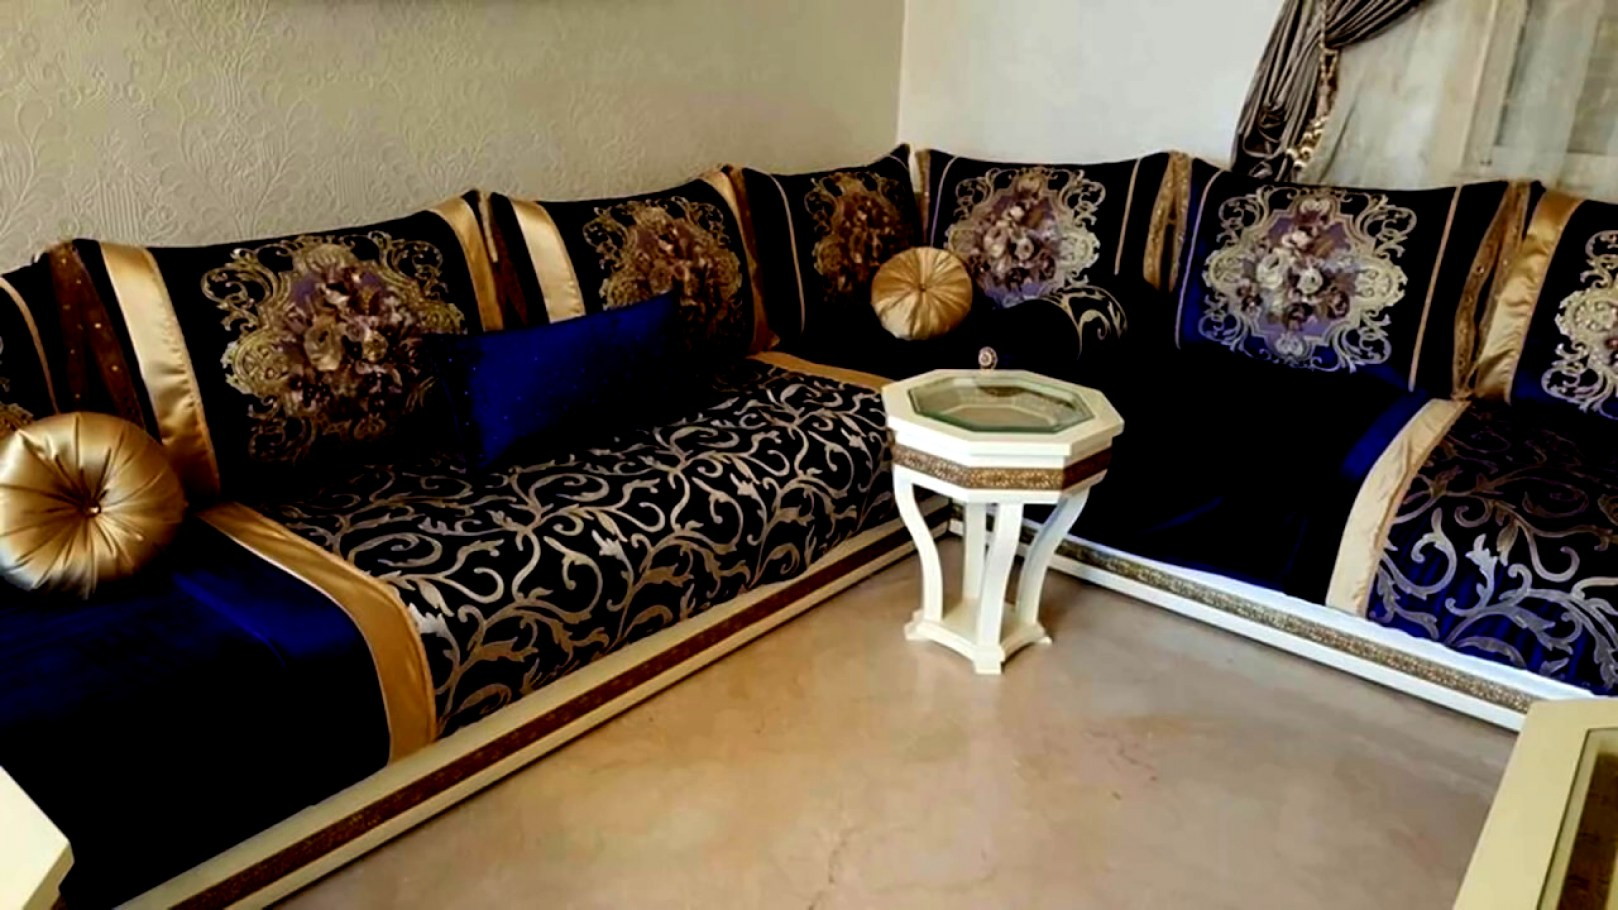 Vente salon marocain moderne 2019 montpellier d co - Magasins de meubles montpellier ...